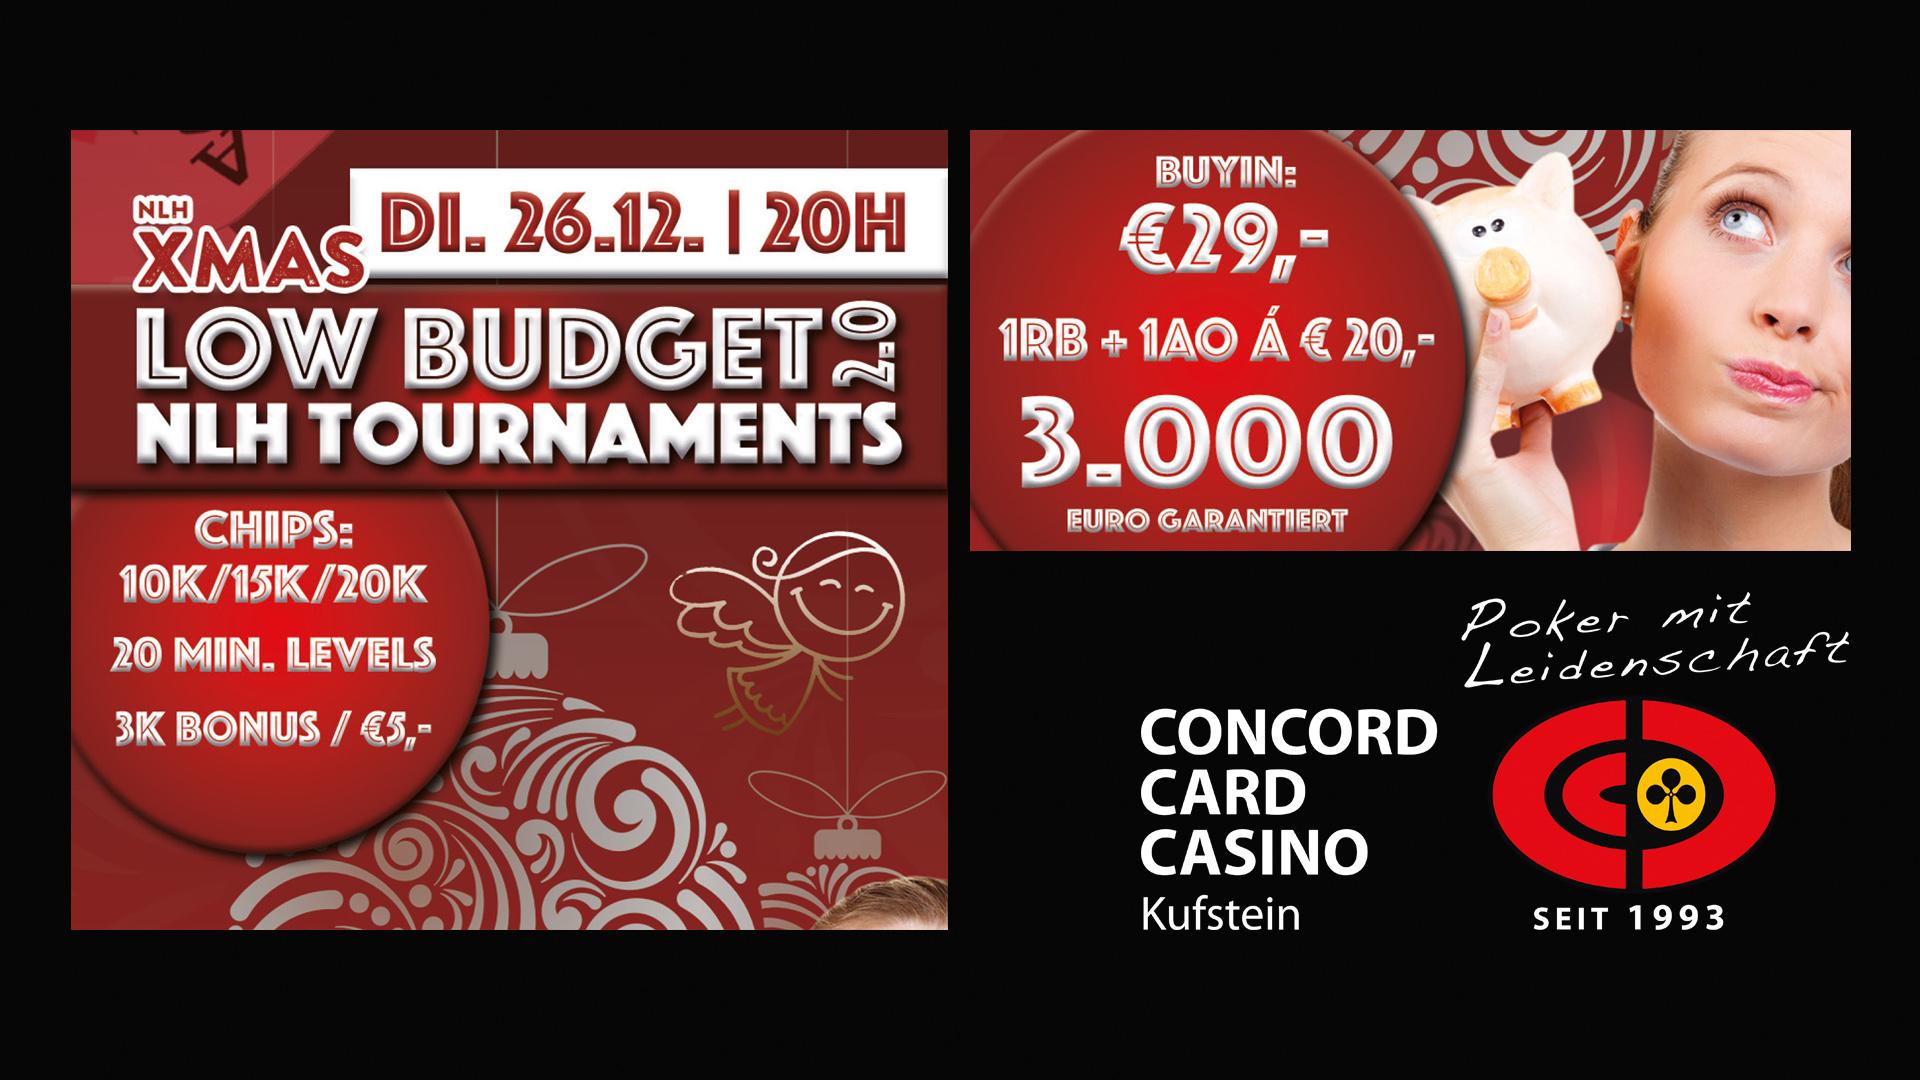 ccc casino kufstein